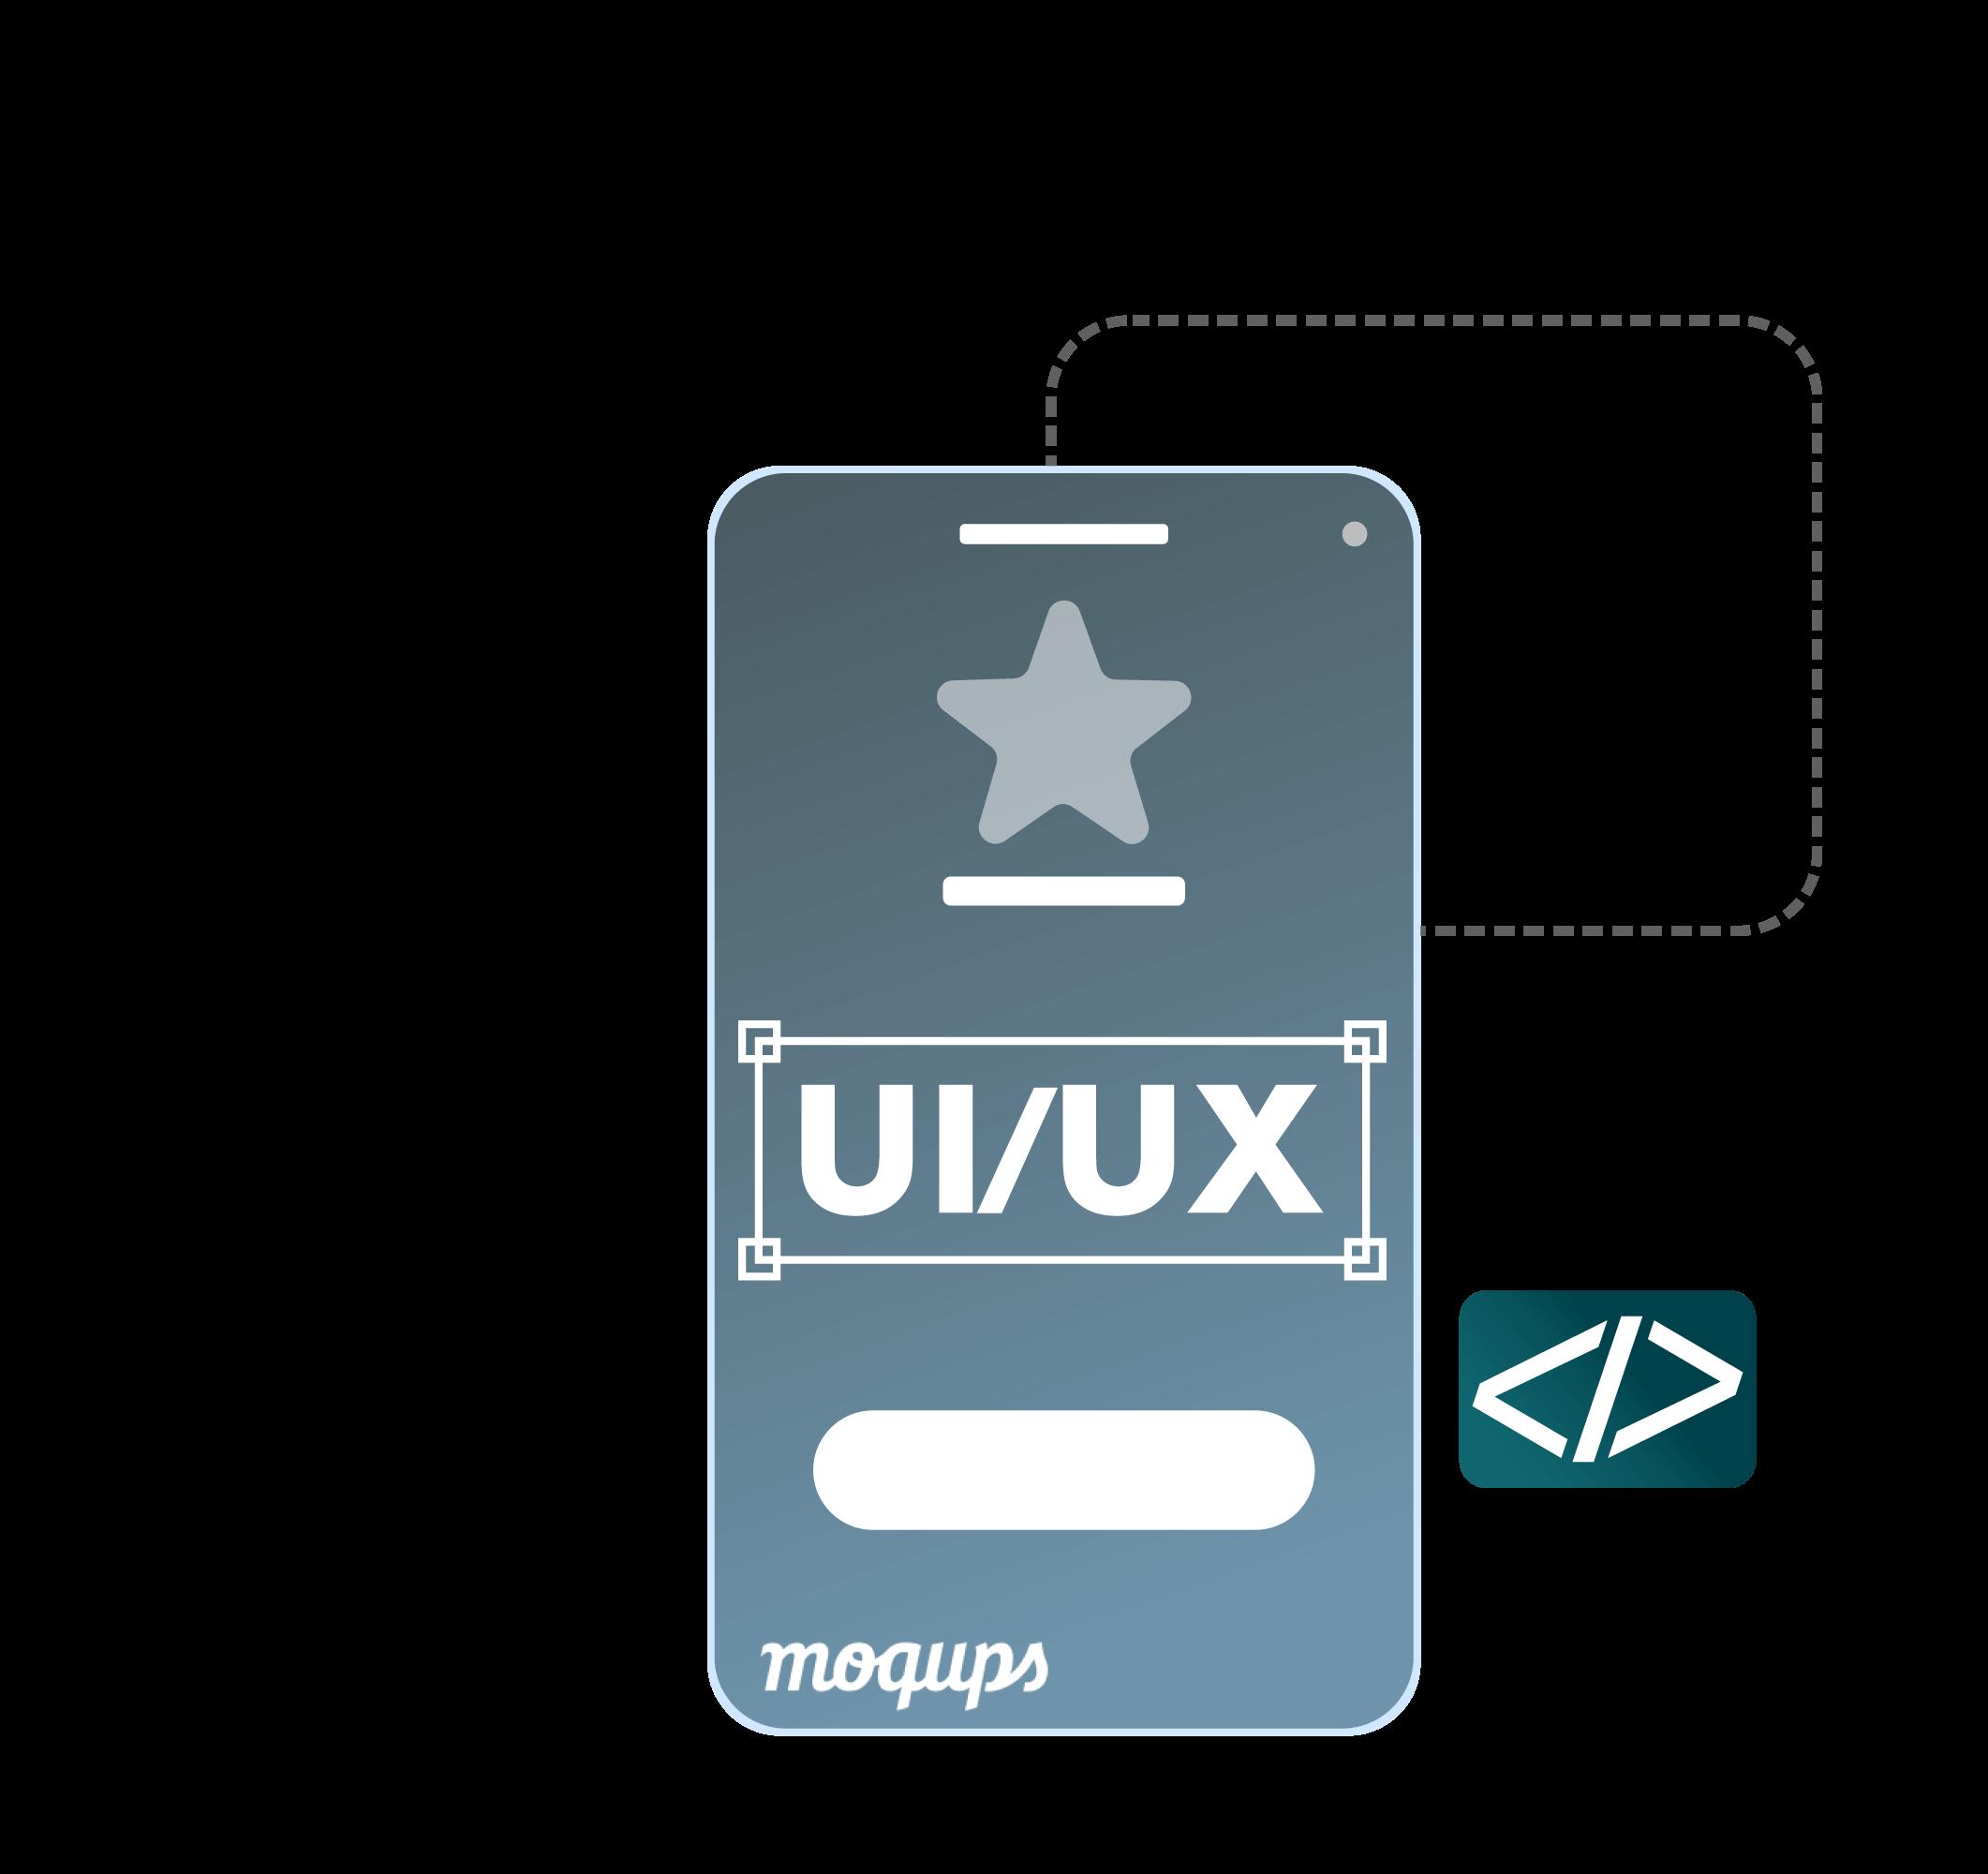 website design services, creative logo design, illustration design, Moqups, adobe XD, Adobe InDesign